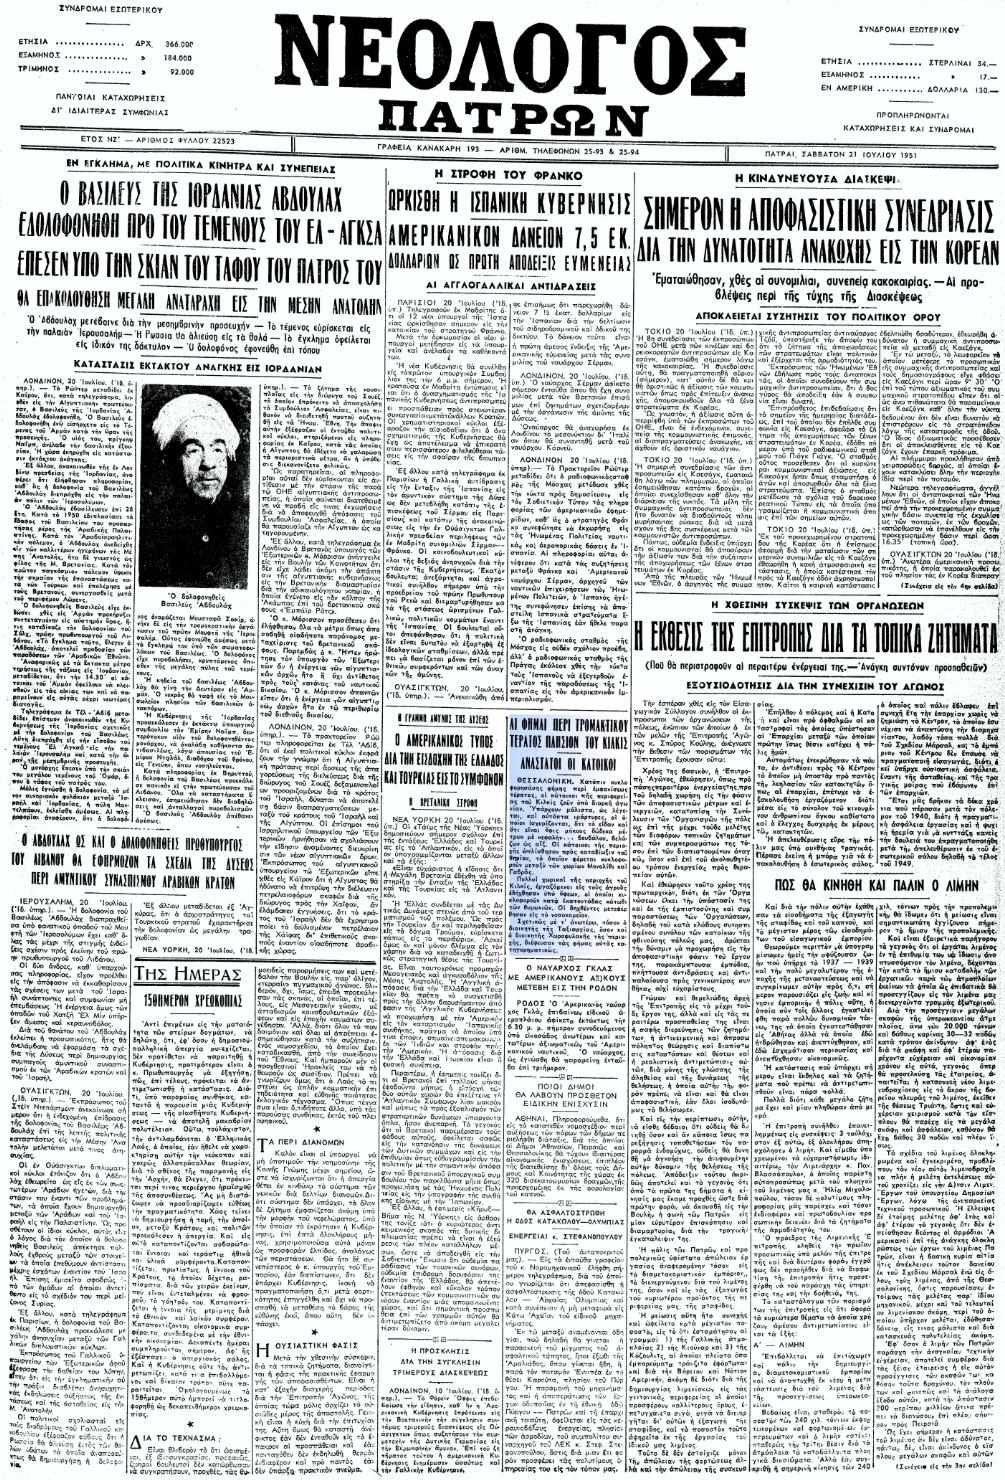 """Το άρθρο, όπως δημοσιεύθηκε στην εφημερίδα """"ΝΕΟΛΟΓΟΣ ΠΑΤΡΩΝ"""", στις 21/07/1951"""